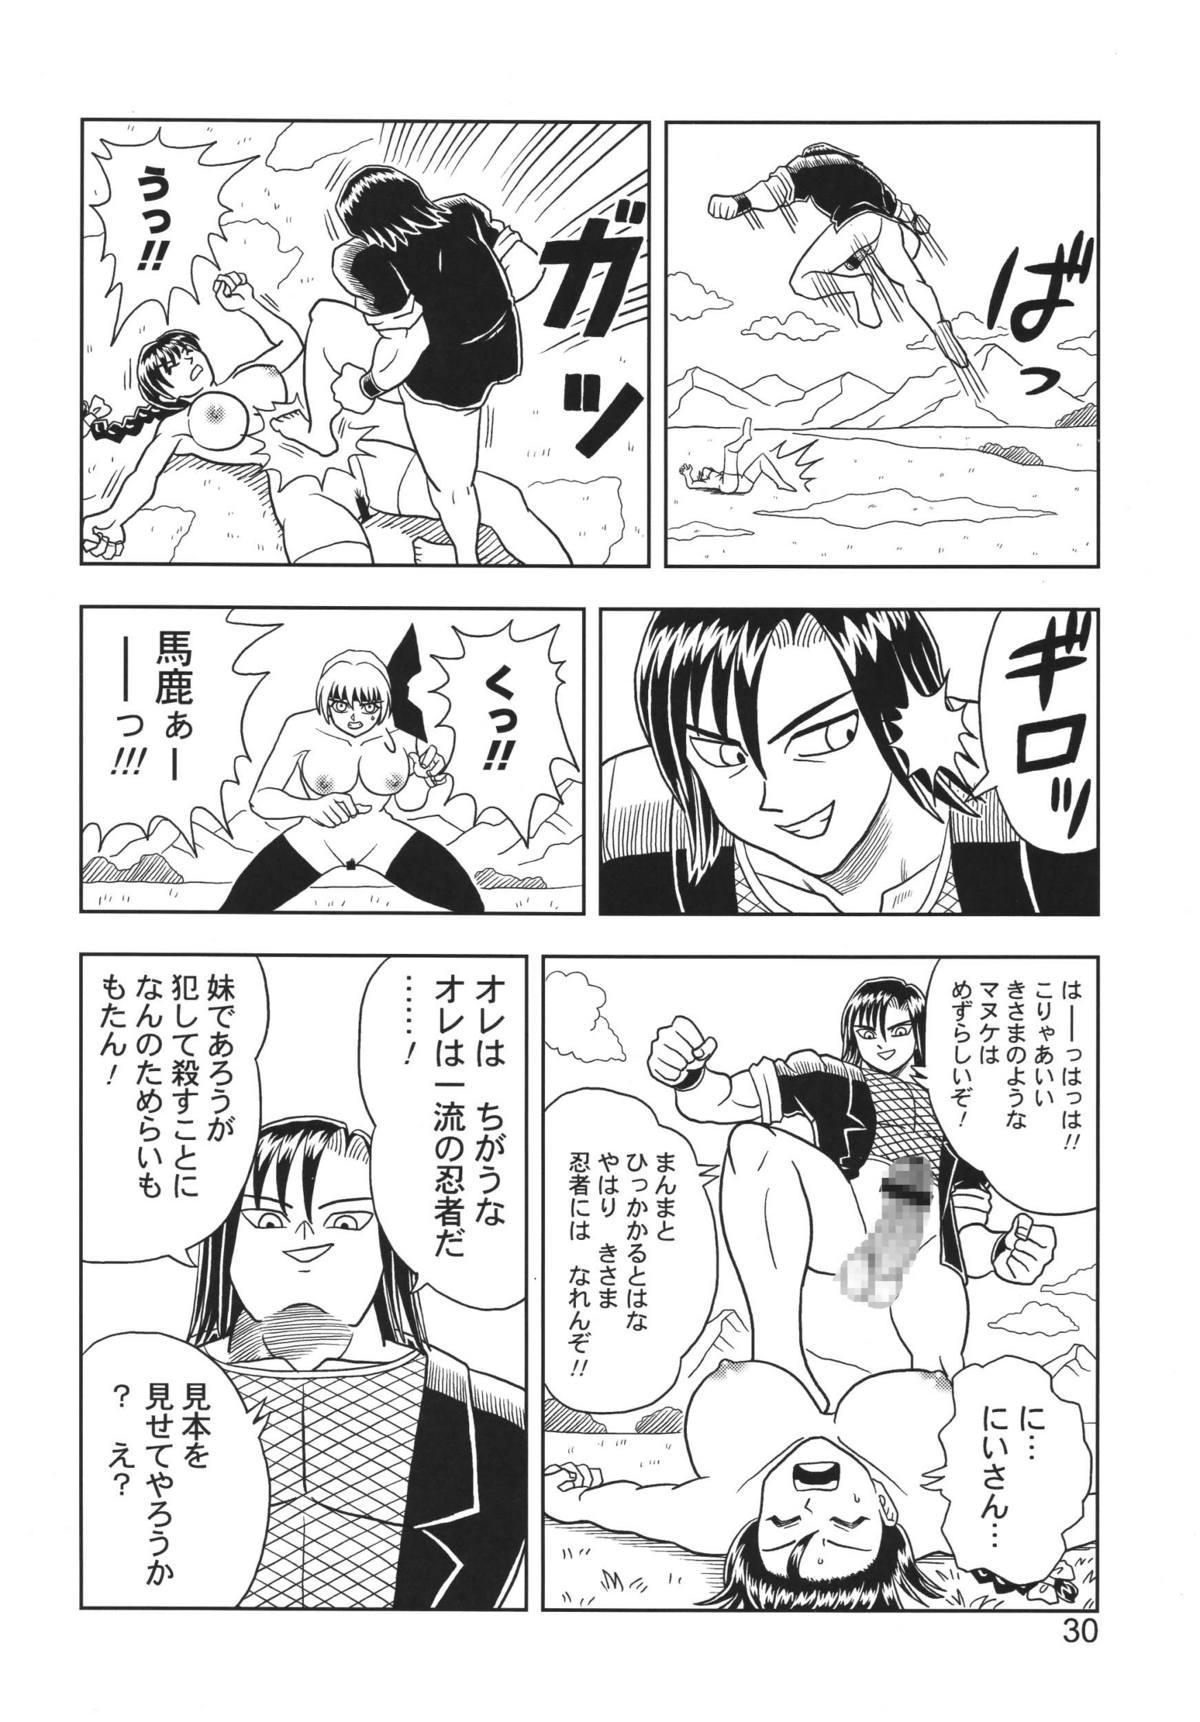 Kasumi or Ayane 29